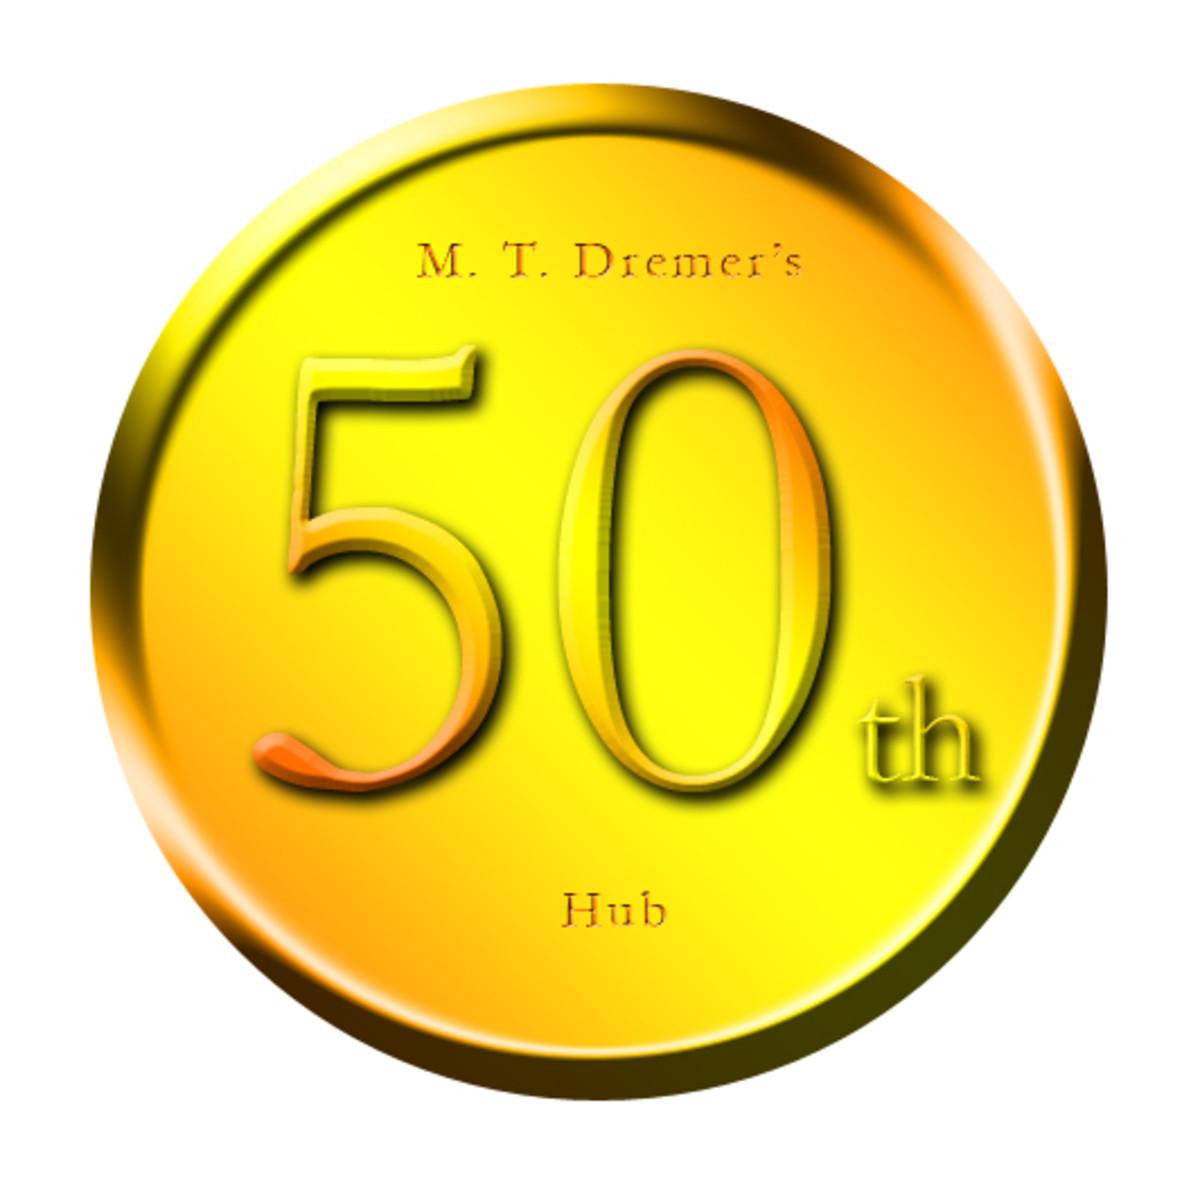 My 50th Hub Confessional